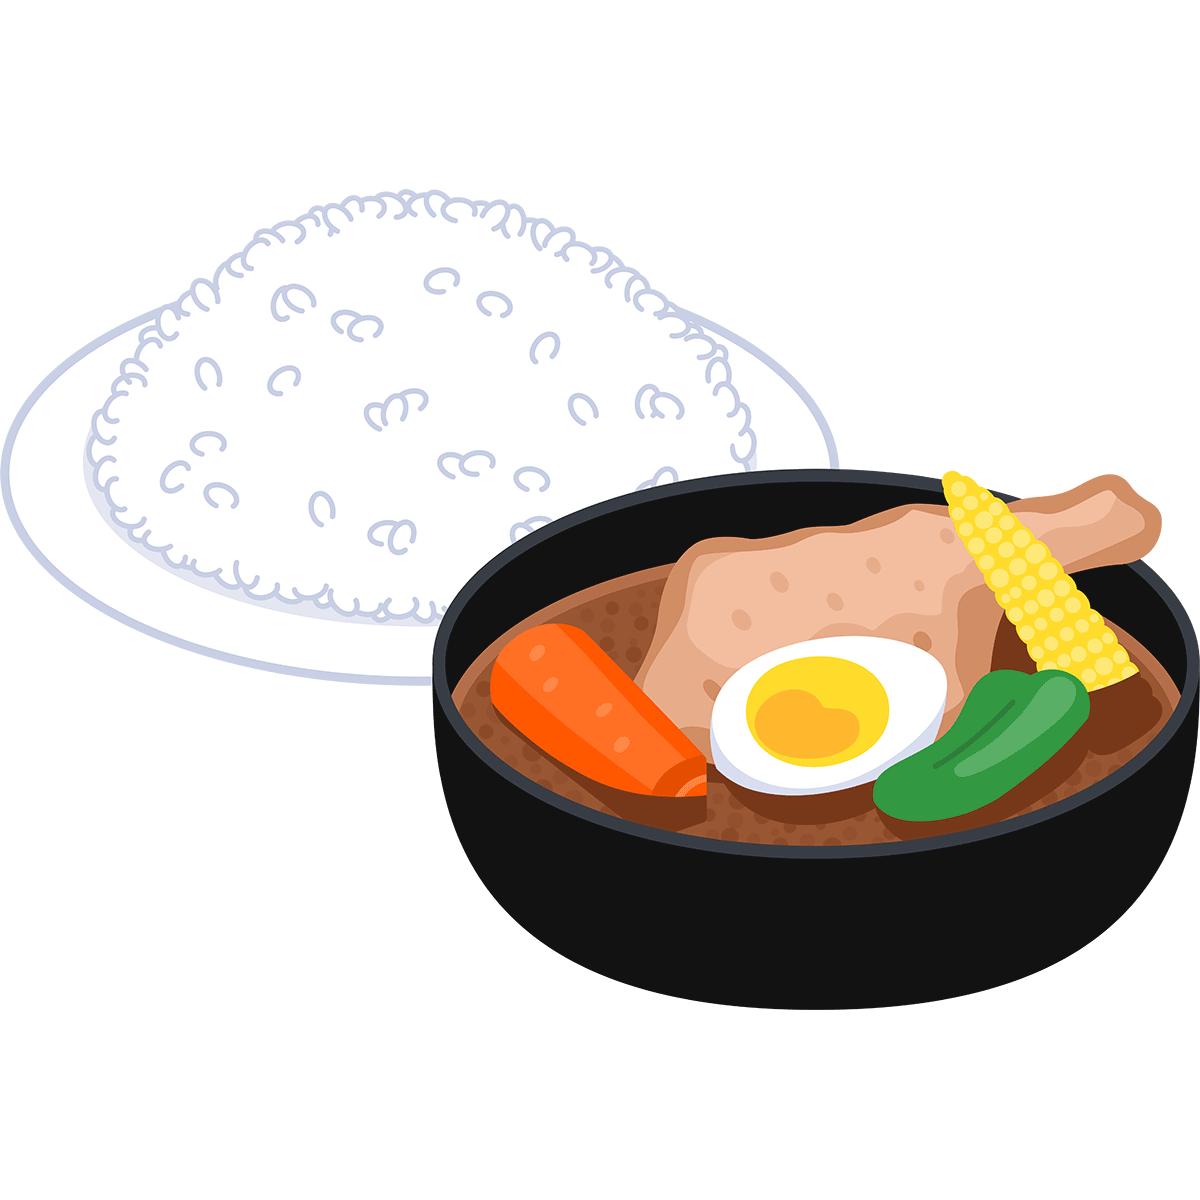 スープカレーの無料イラスト